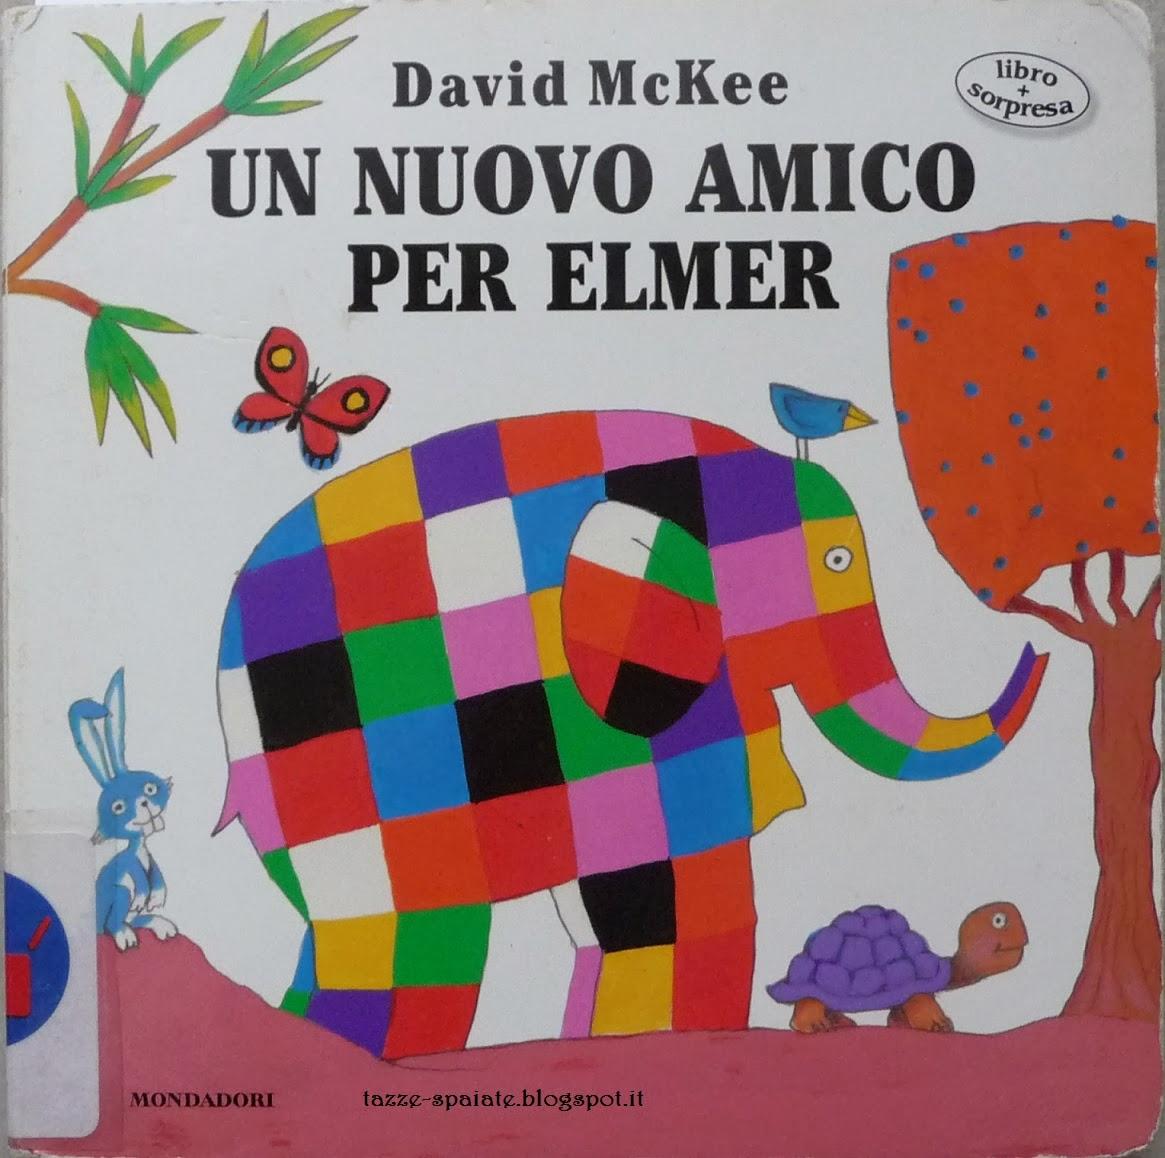 Tazze spaiate un nuovo amico per elmer david mckee for Libri in italiano